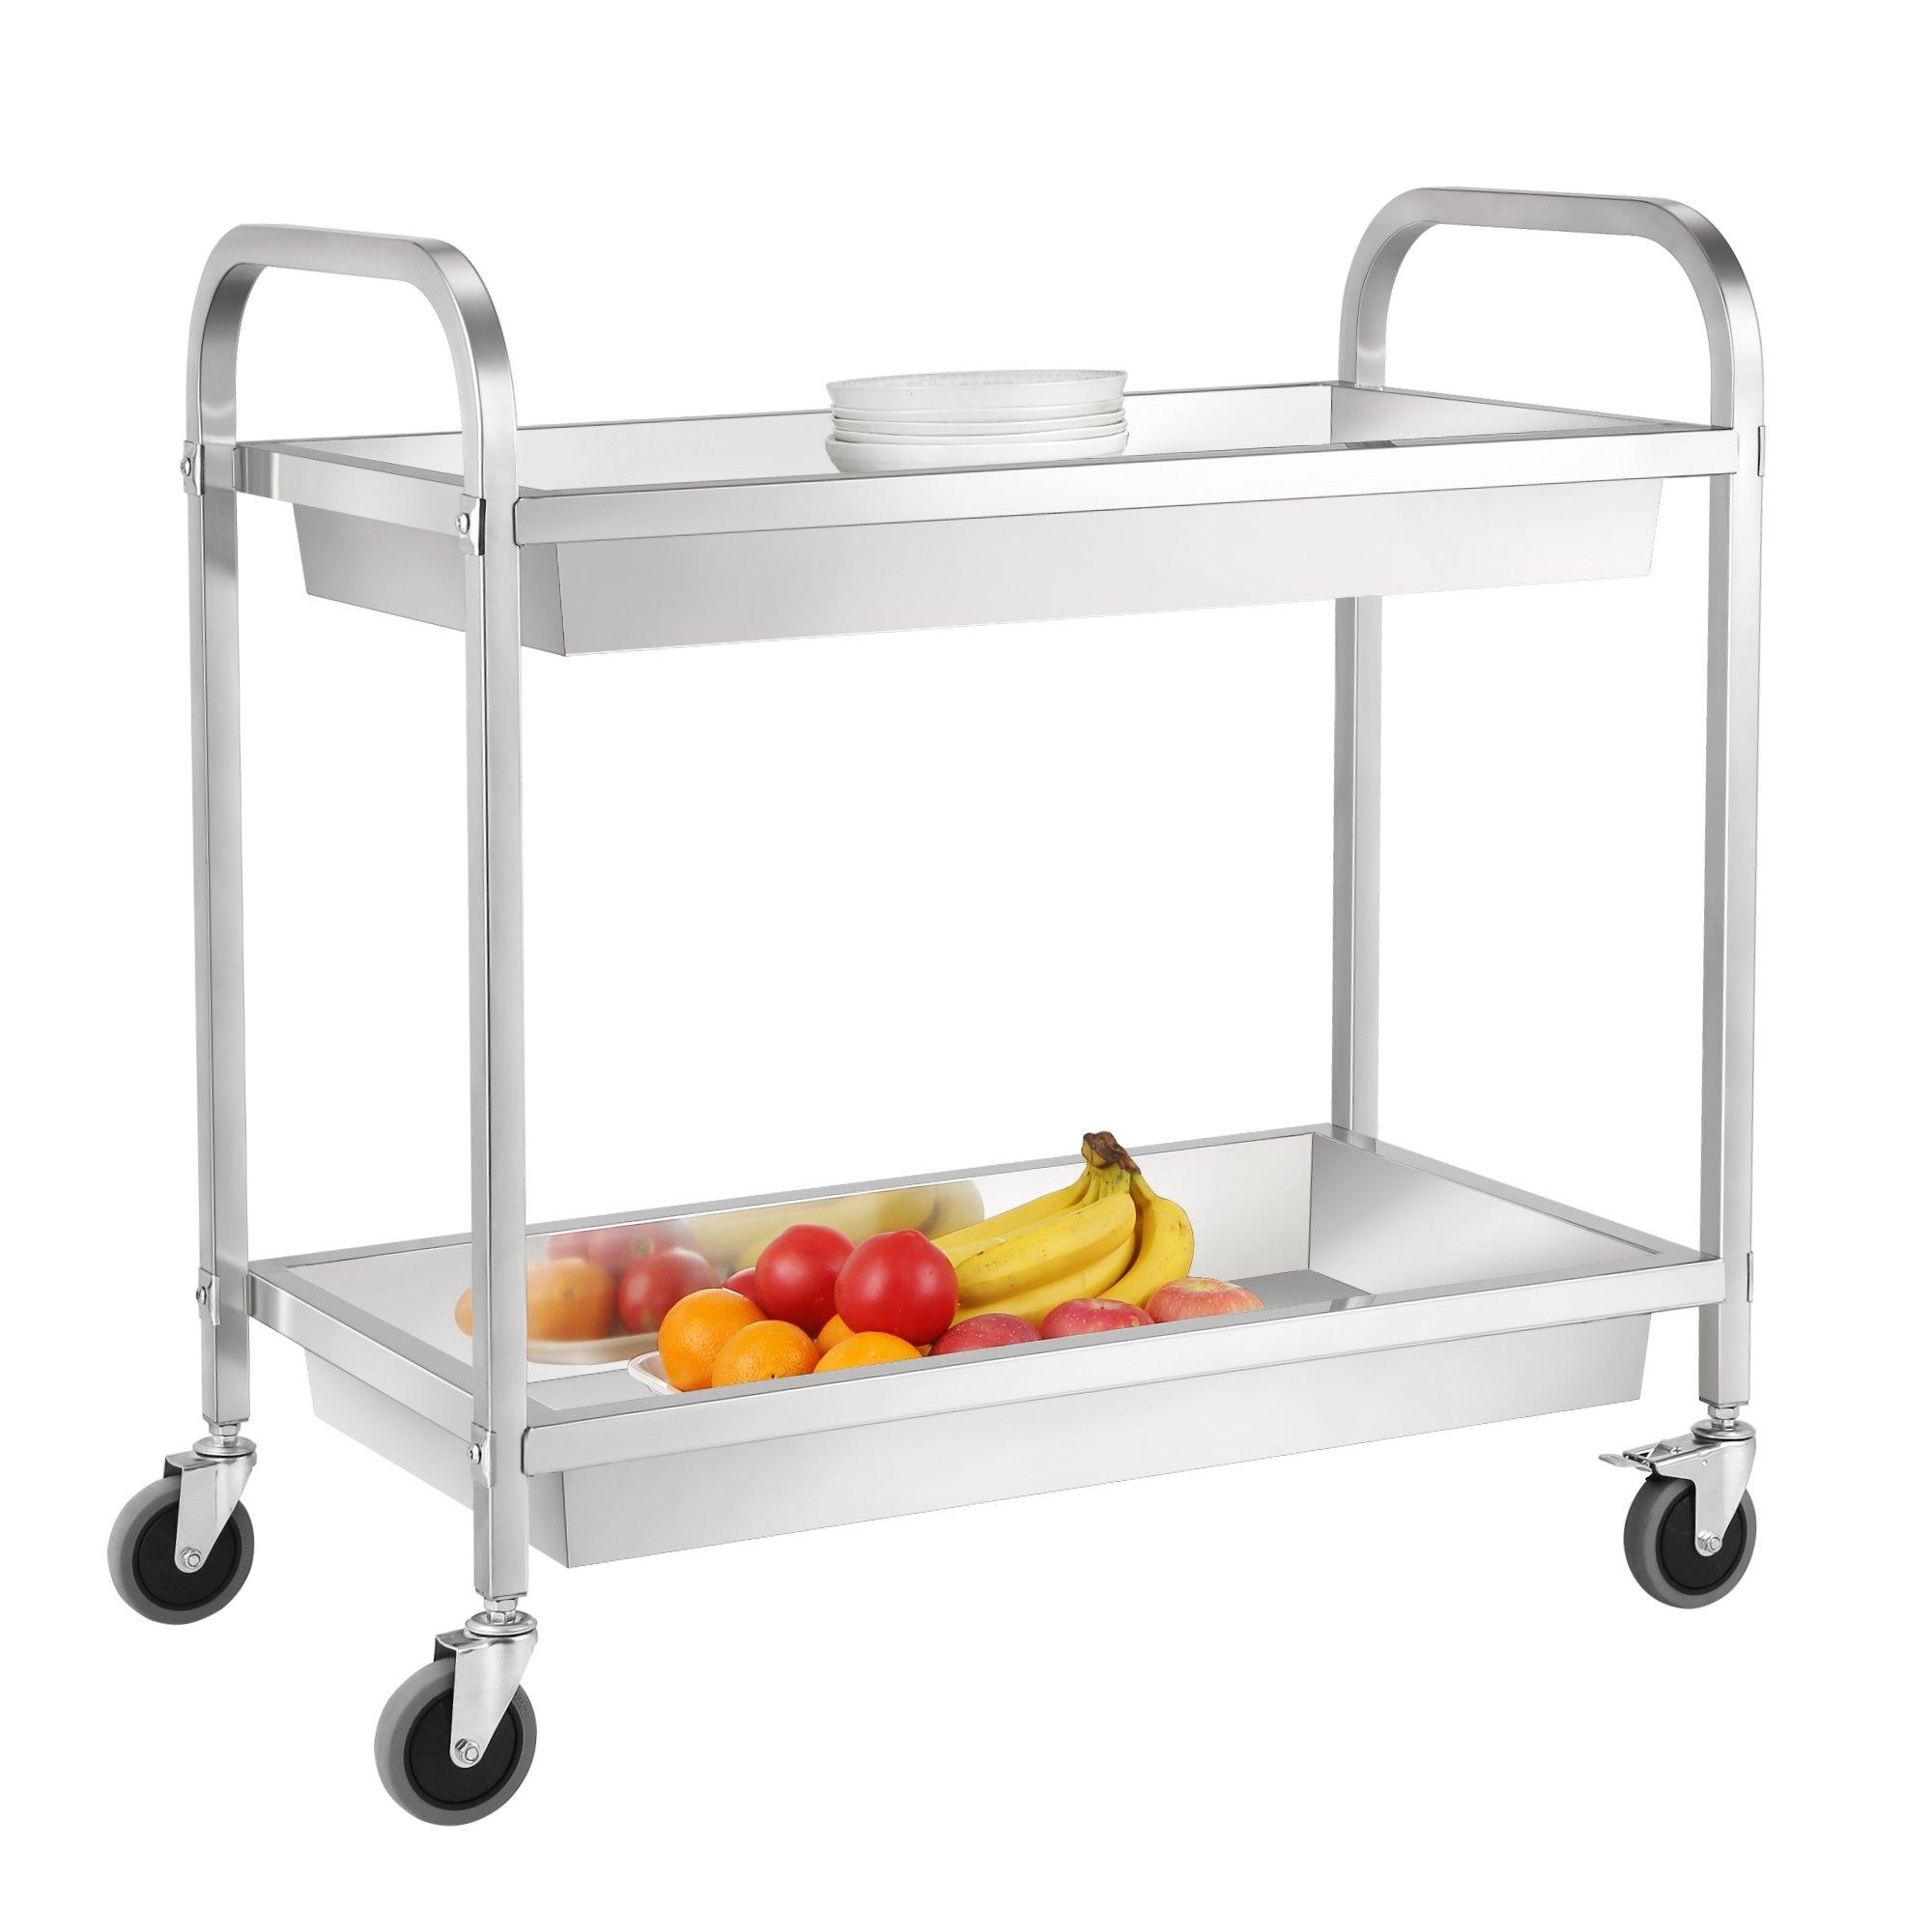 Küchentrolley Edelstahl ~ zelsius edelstahl servierwagen küchenwagen küchentrolley gastro transportwagen ebay